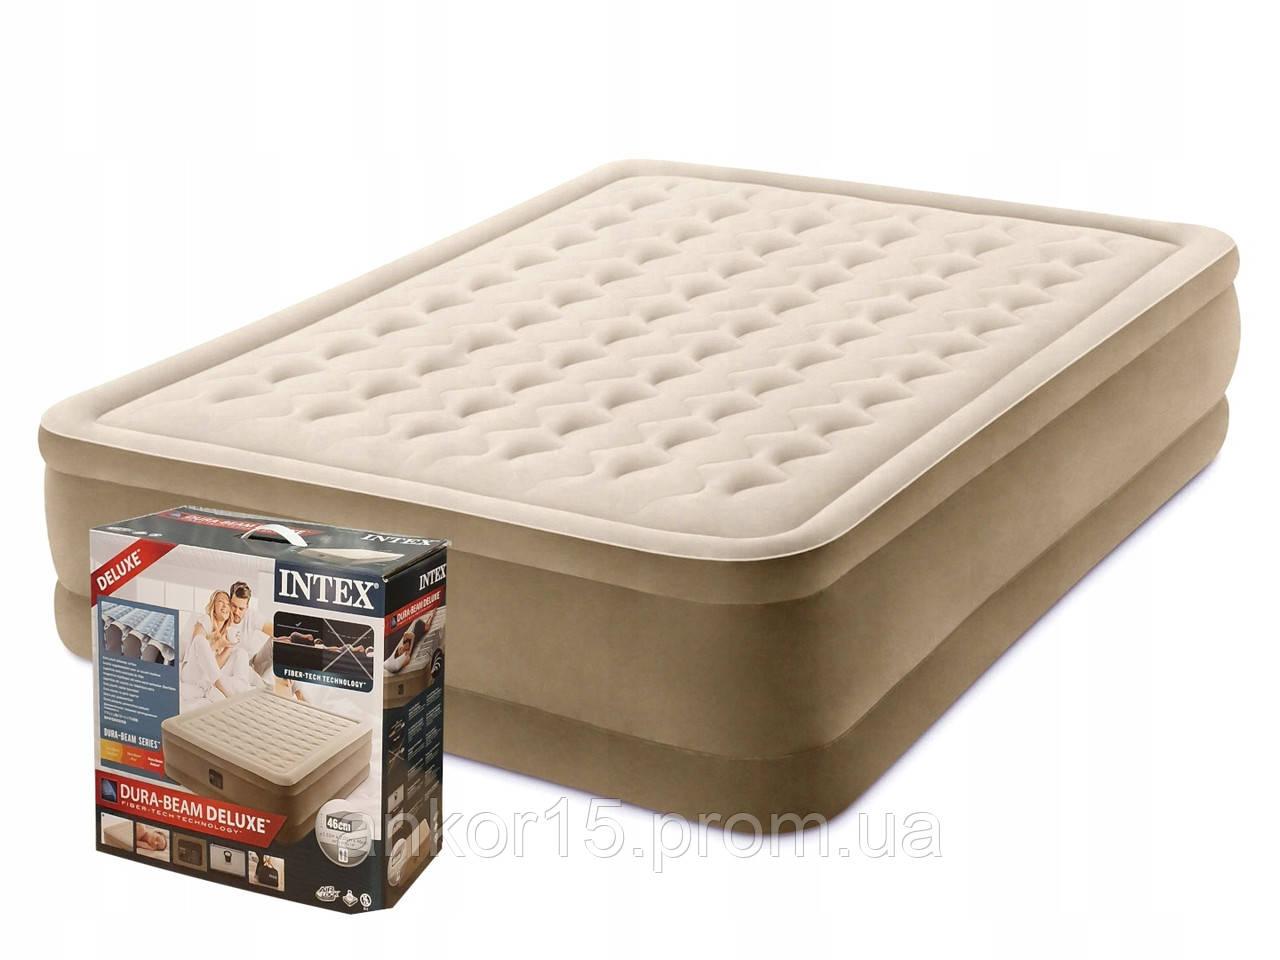 Надувная кровать Intex 64428, 152 х 203 х 46, со встроенным электрическим насосом. Двухспальная